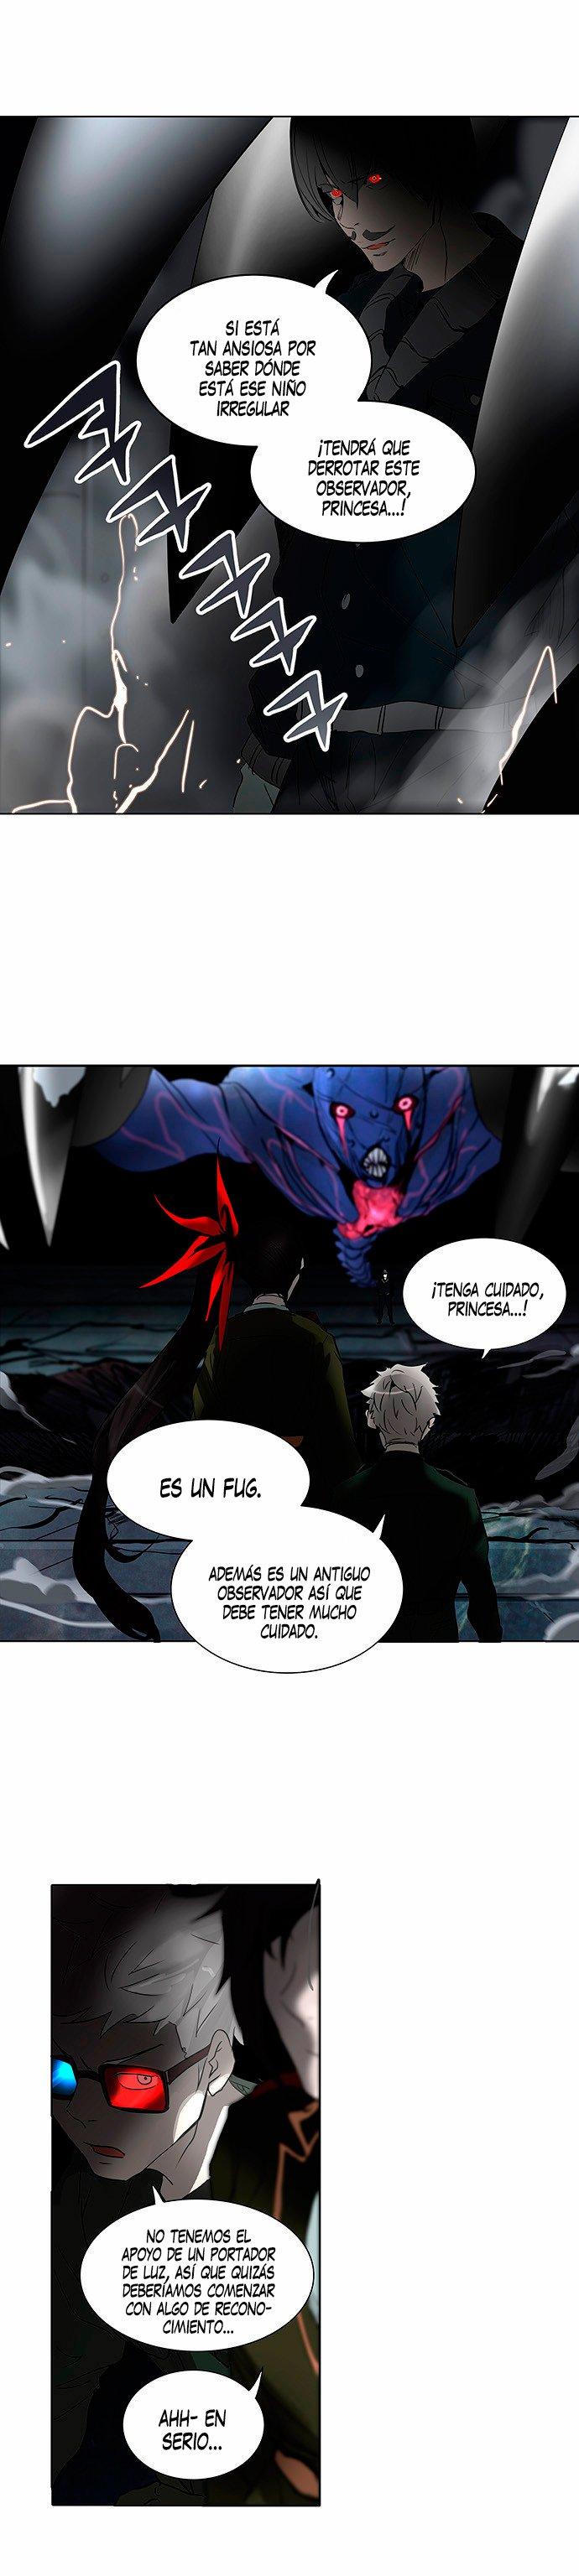 http://c5.ninemanga.com/es_manga/21/149/449229/ab201b6bec54c96a80ea357a94086631.jpg Page 2